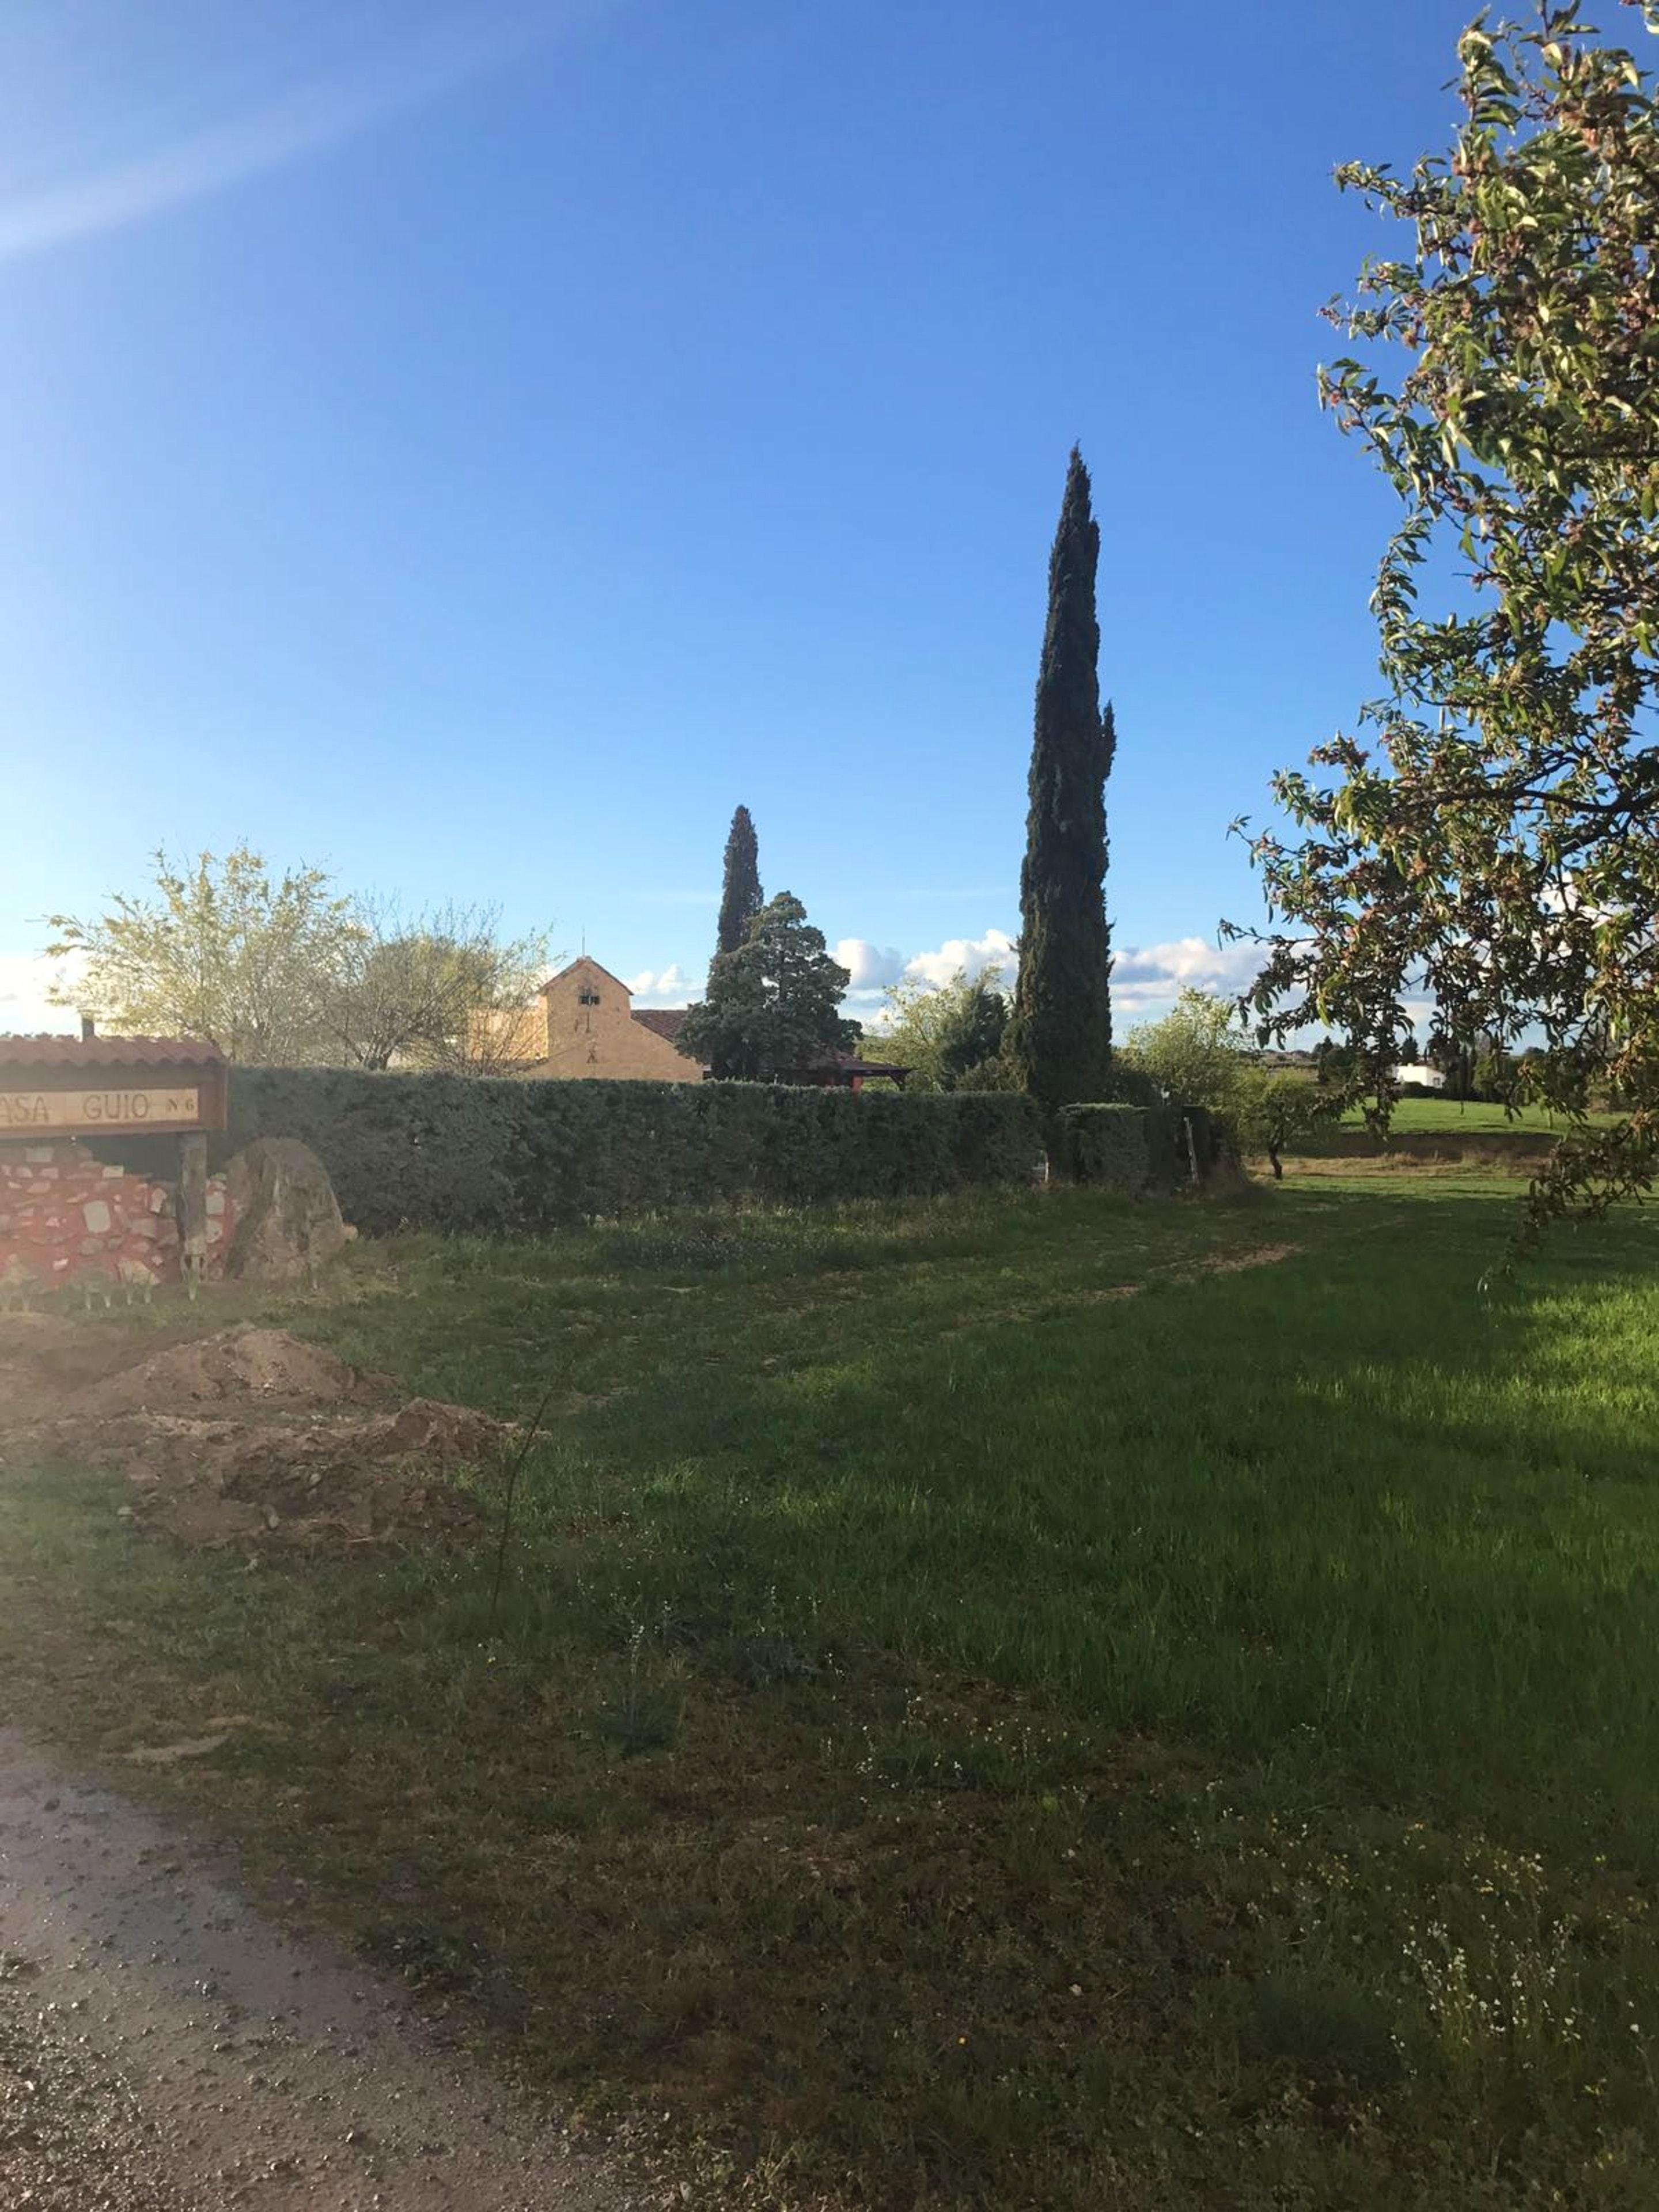 Ferienhaus Haus mit 7 Schlafzimmern in Burguillos de Toledo mit privatem Pool und eingezäuntem Garten (2299203), Burguillos de Toledo, Toledo, Kastilien-La Mancha, Spanien, Bild 37